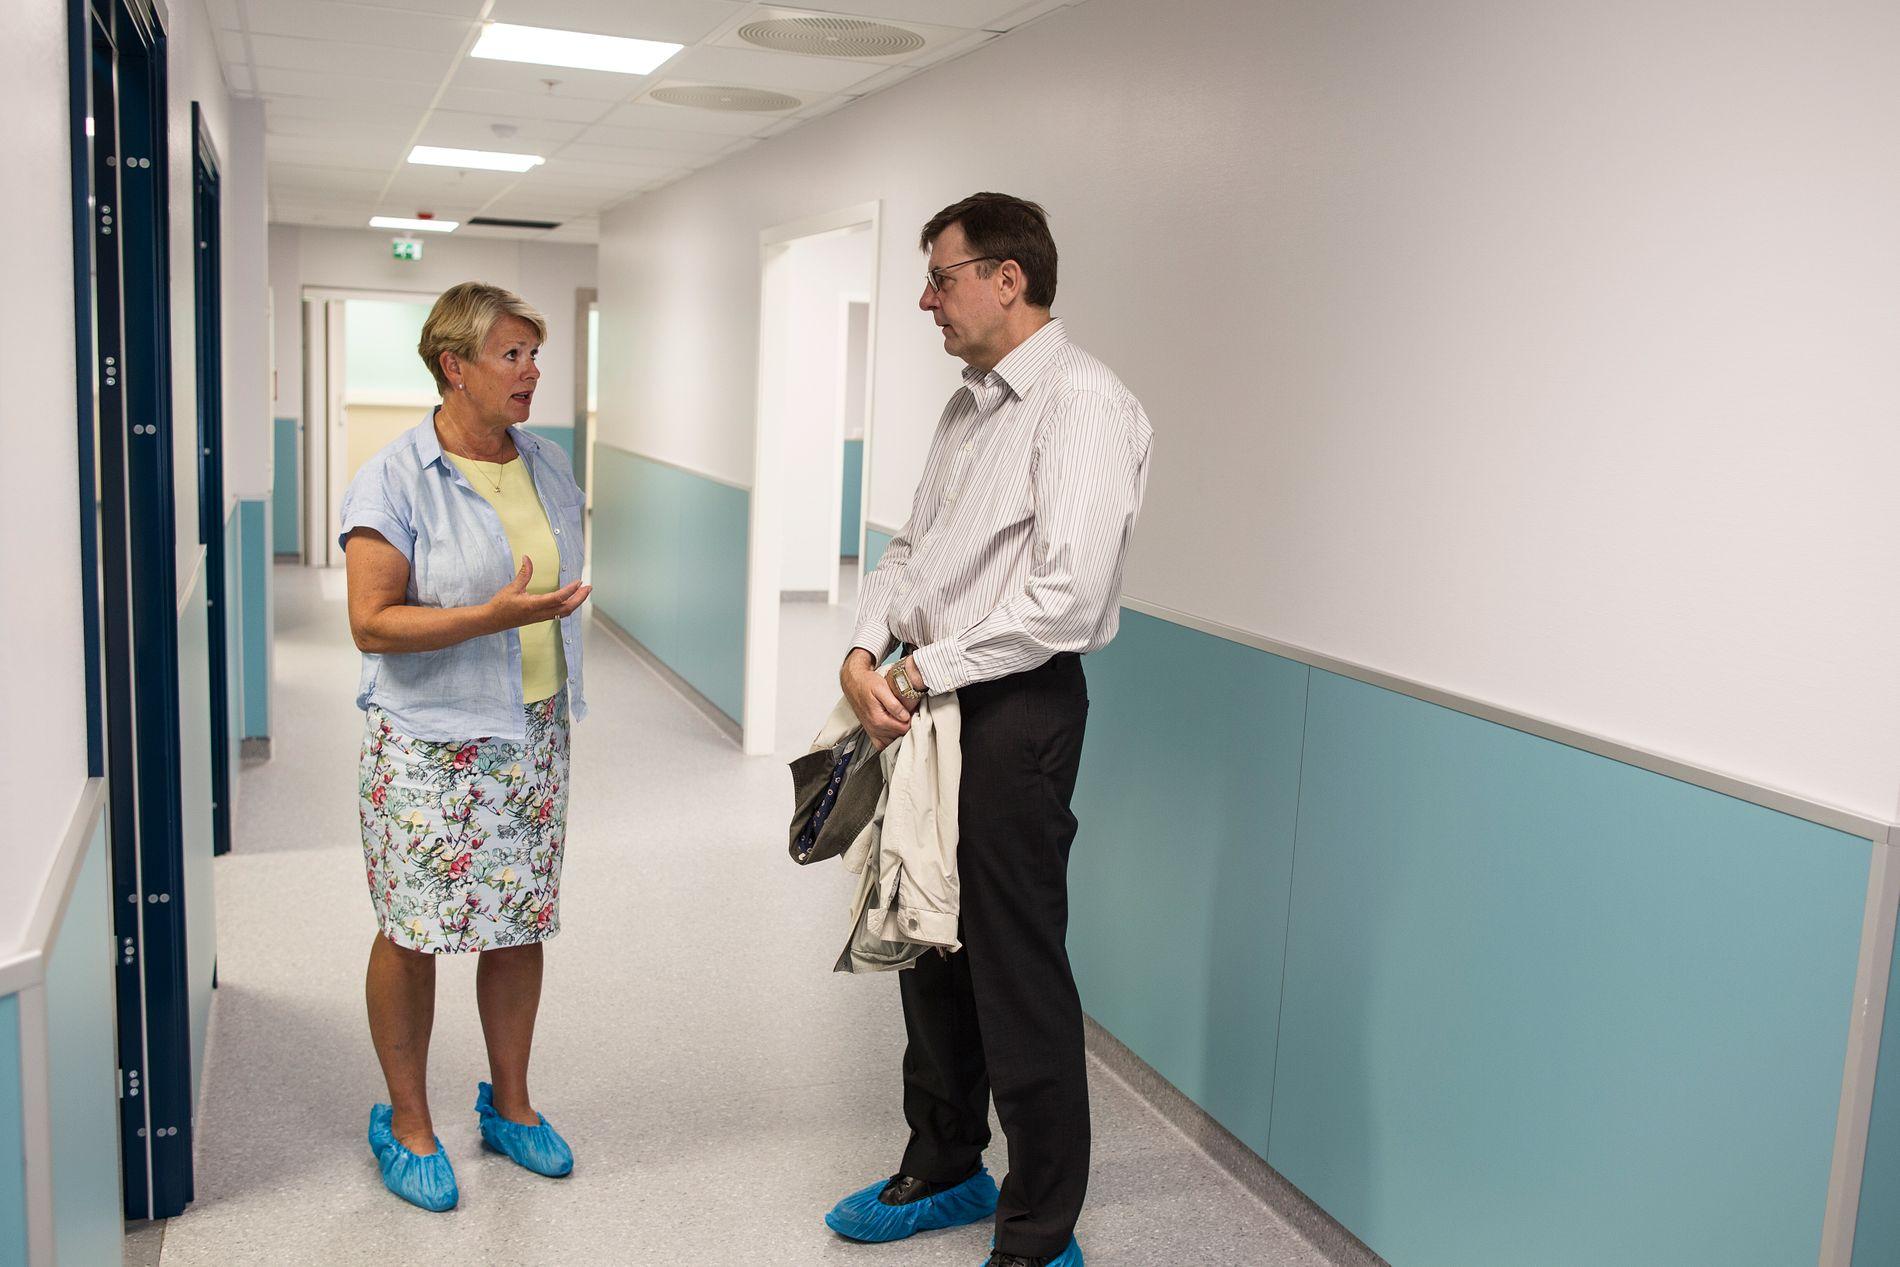 BEFARING: Hilde Onarheim er tidligere Helsebyråd i Bergen. Her i samtale med legevaktsjef Frank van Betten.